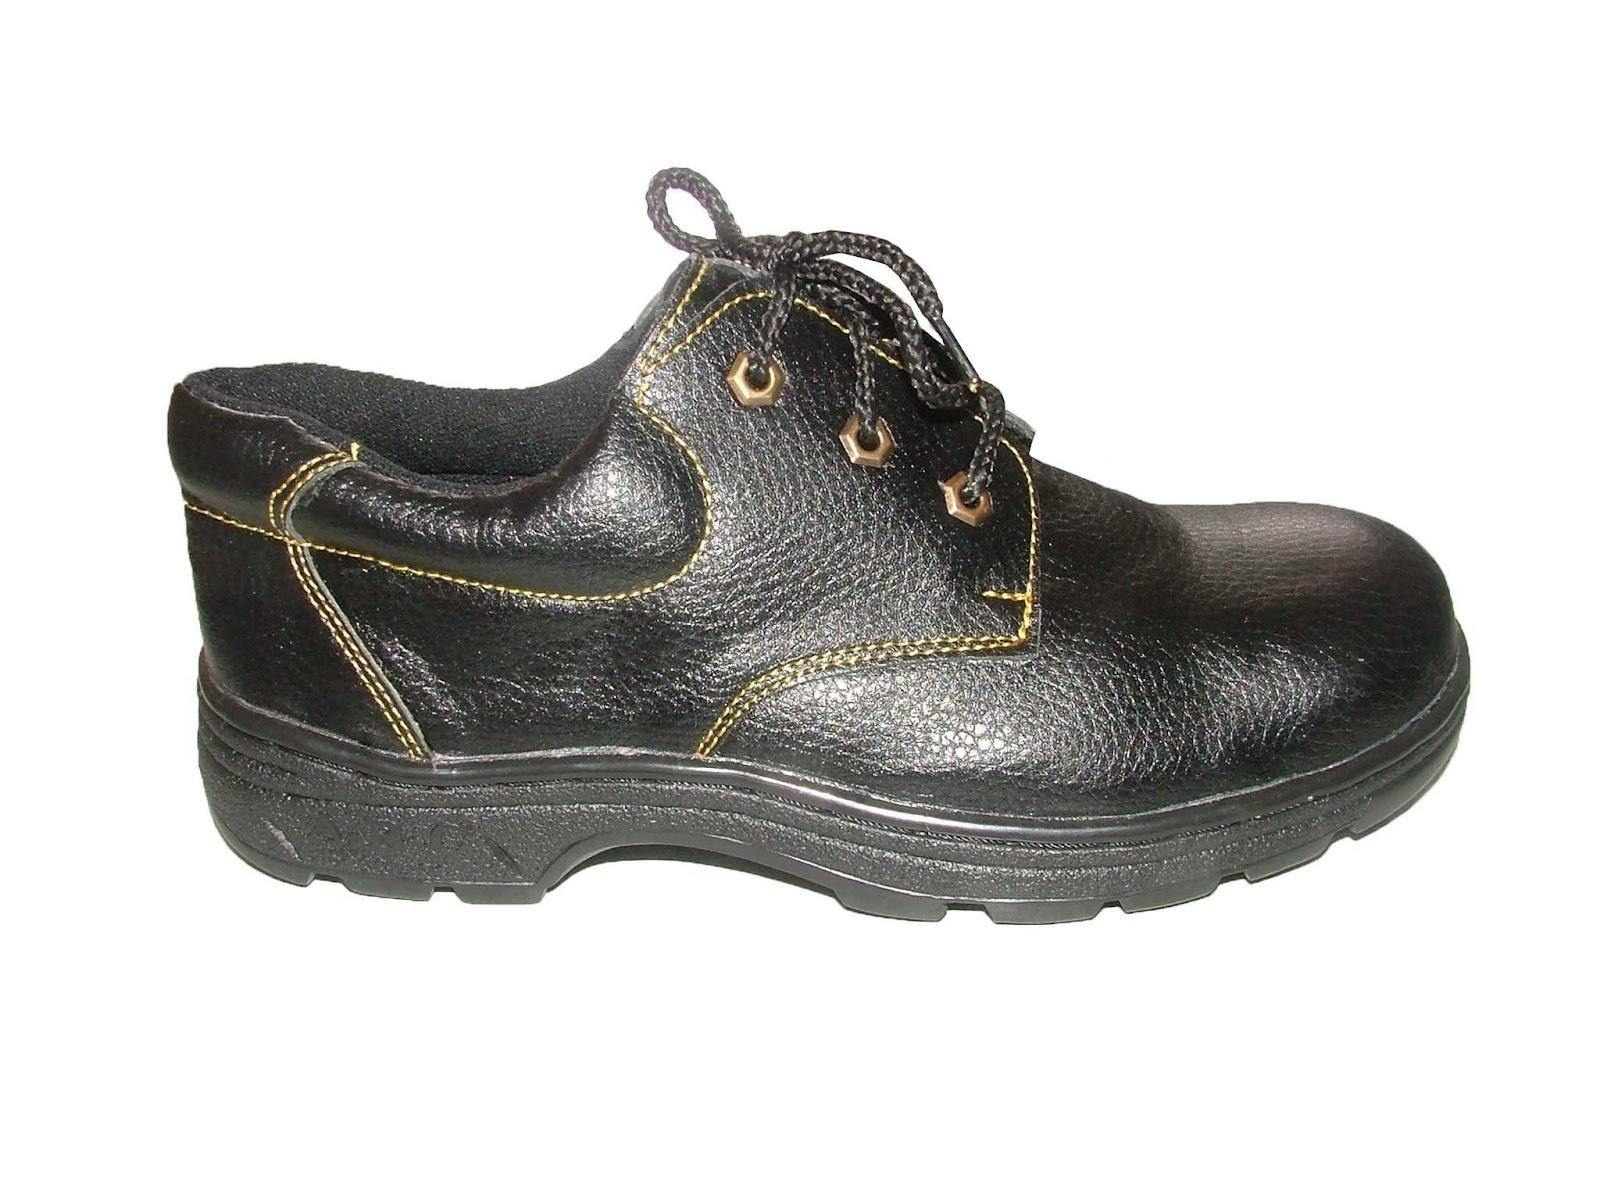 Tìm hiểu về giày bảo hộ lao động ABC